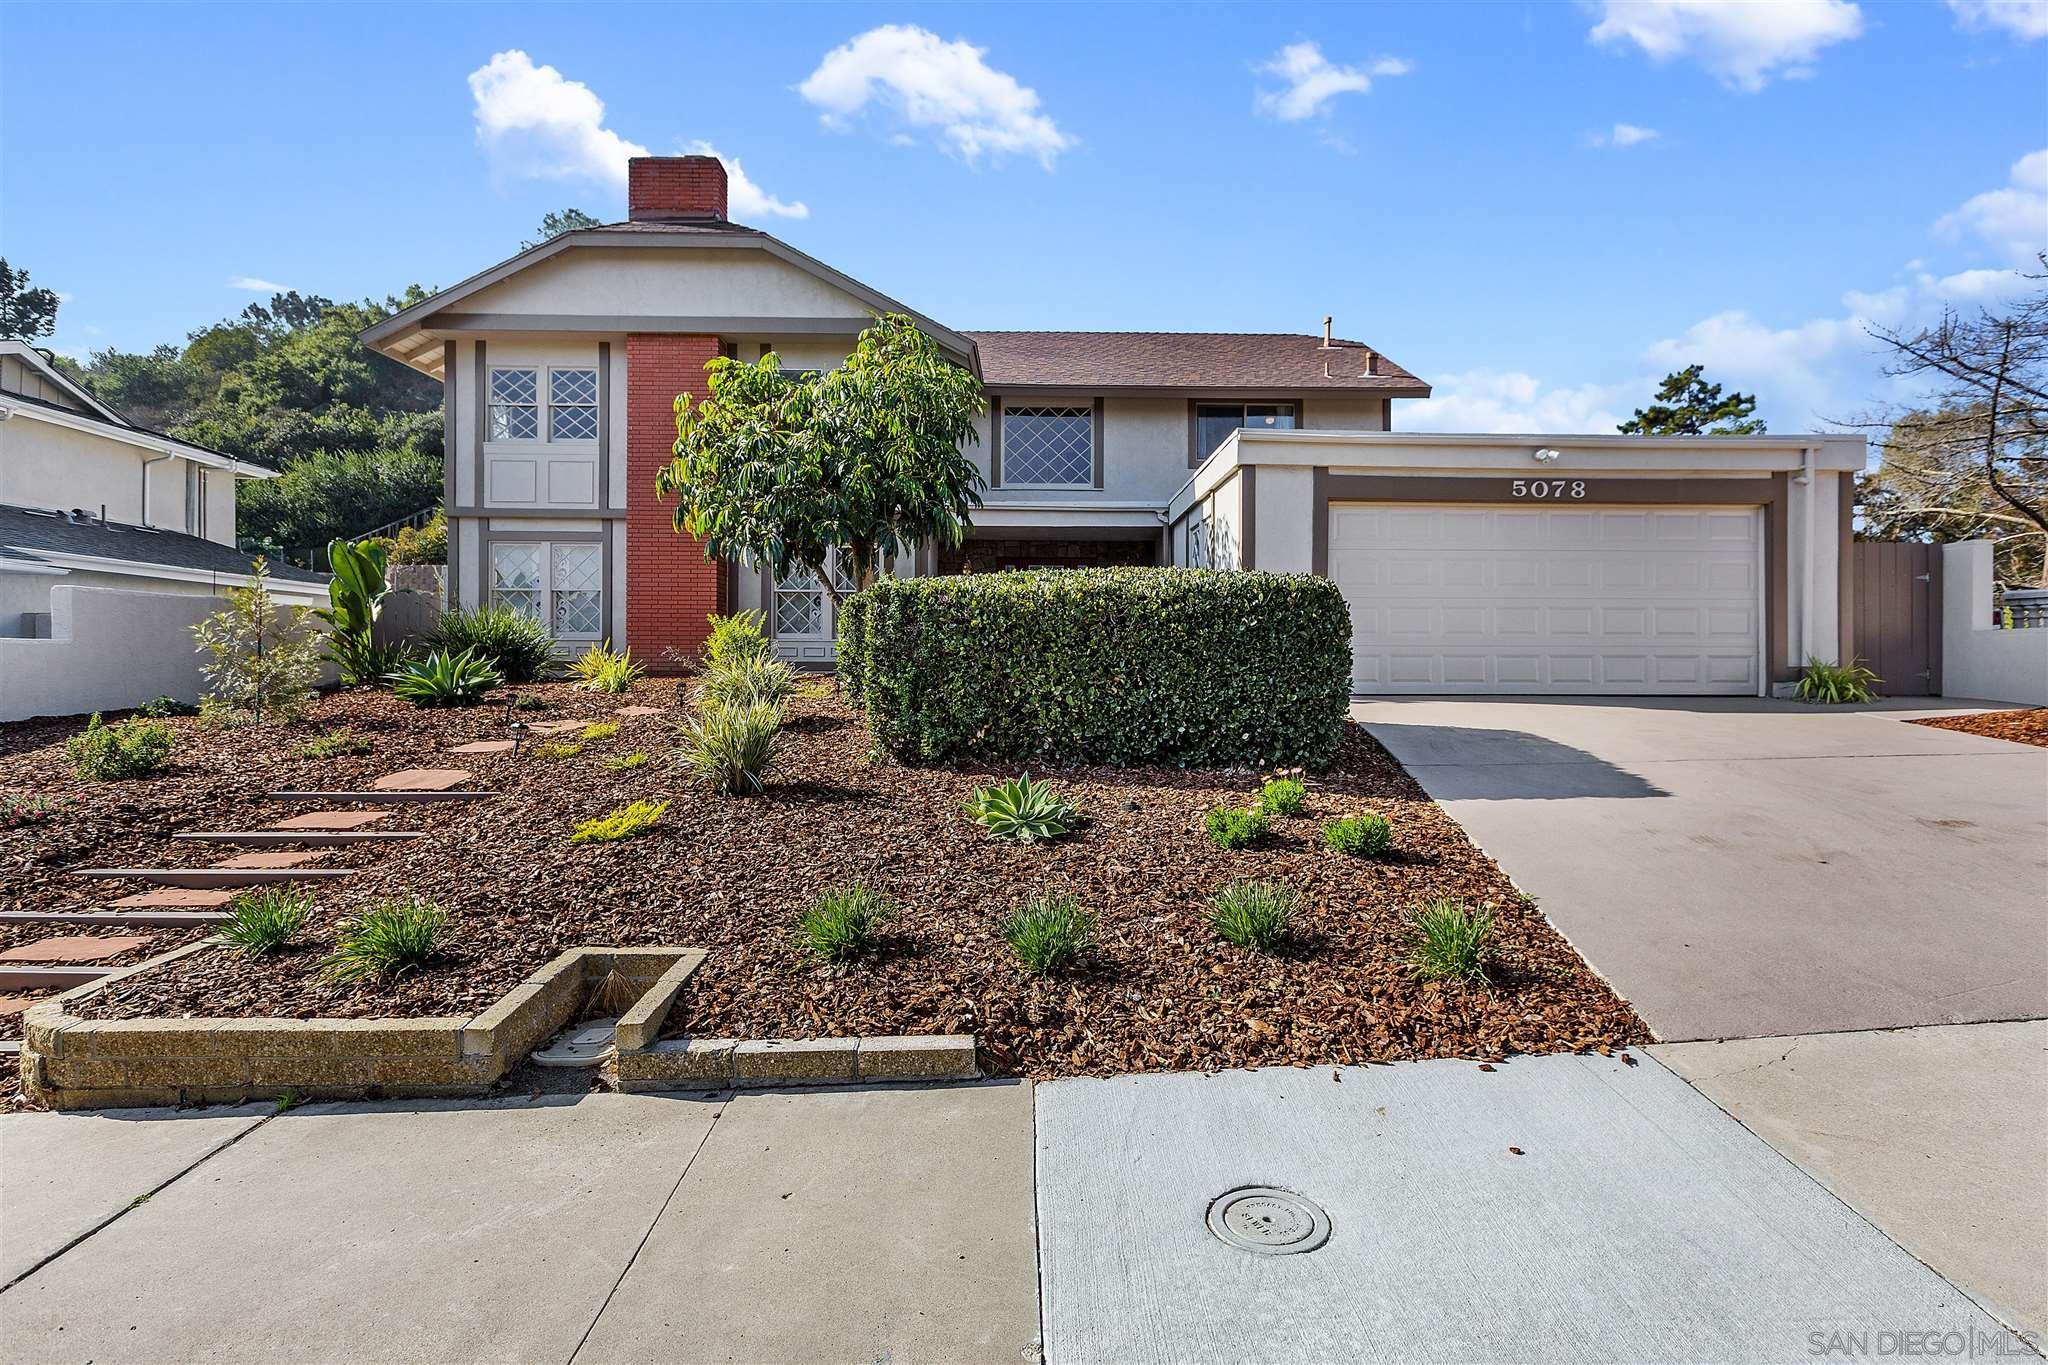 5078 Edgeworth Rd, San Diego, CA 92109